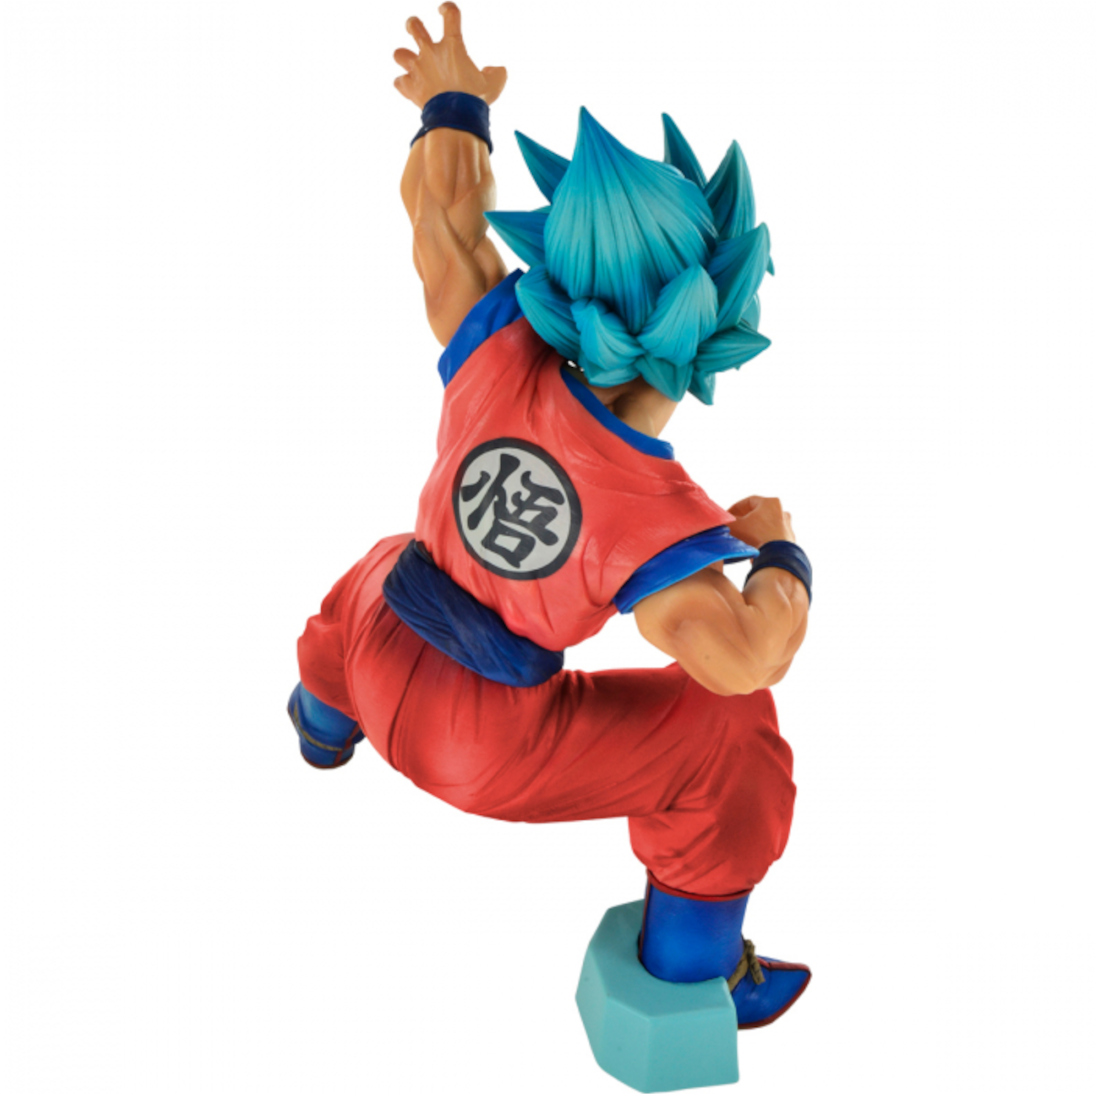 Banpresto Dragon Ball Super King Clustar Big Size Super Saiyan God Super Saiyan Goku